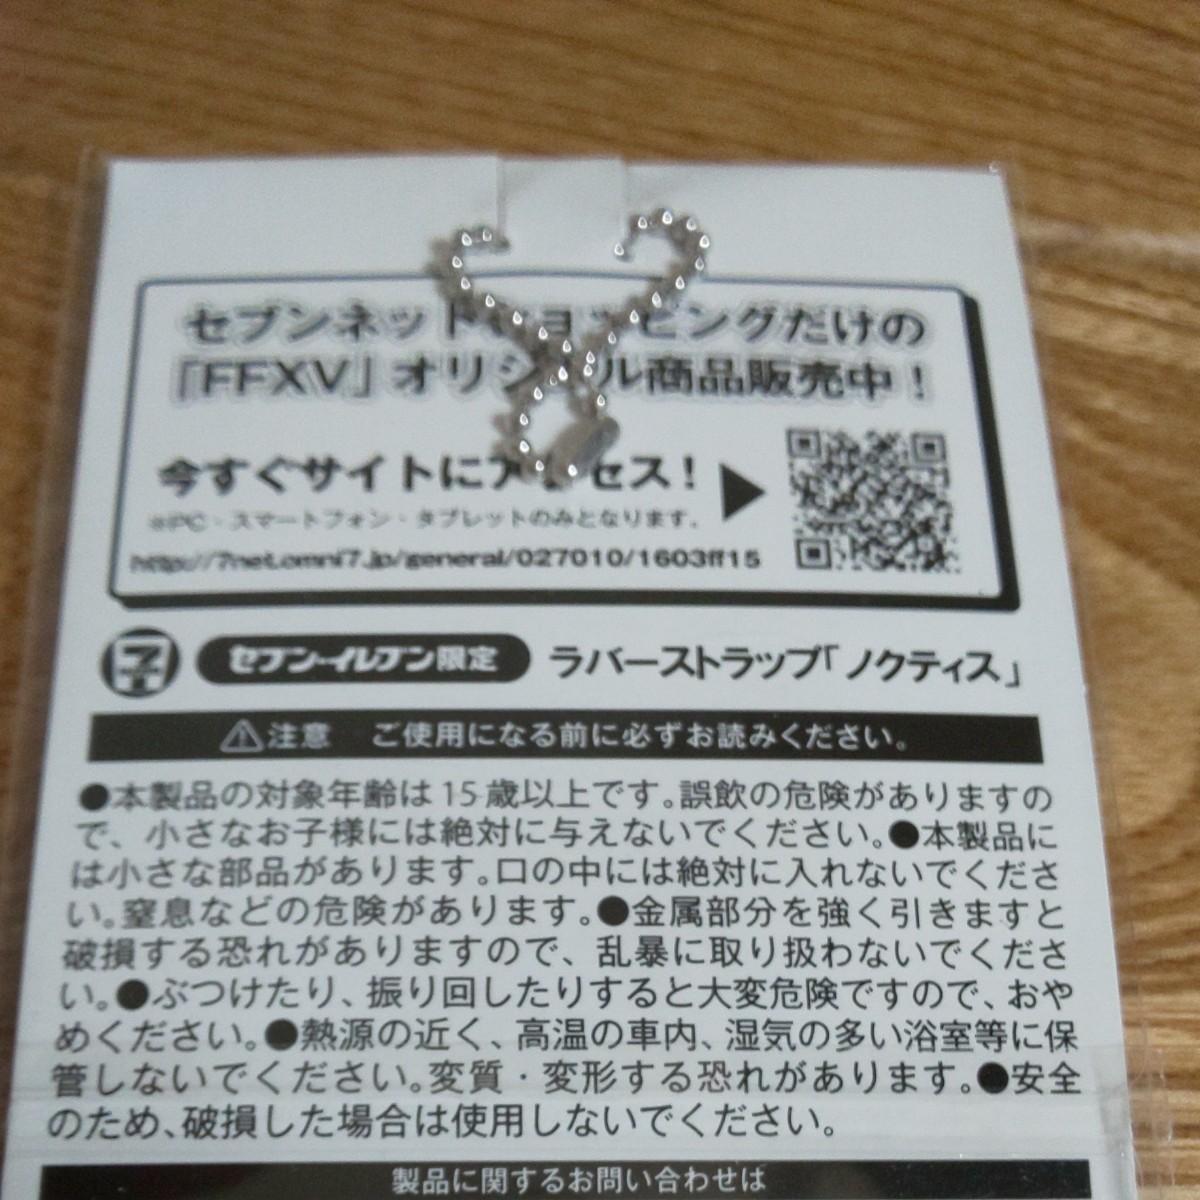 [ジャンク品] PS4 FINAL FANTASY XV 初回生産版 ラバーストラップ「ノクティス」付き